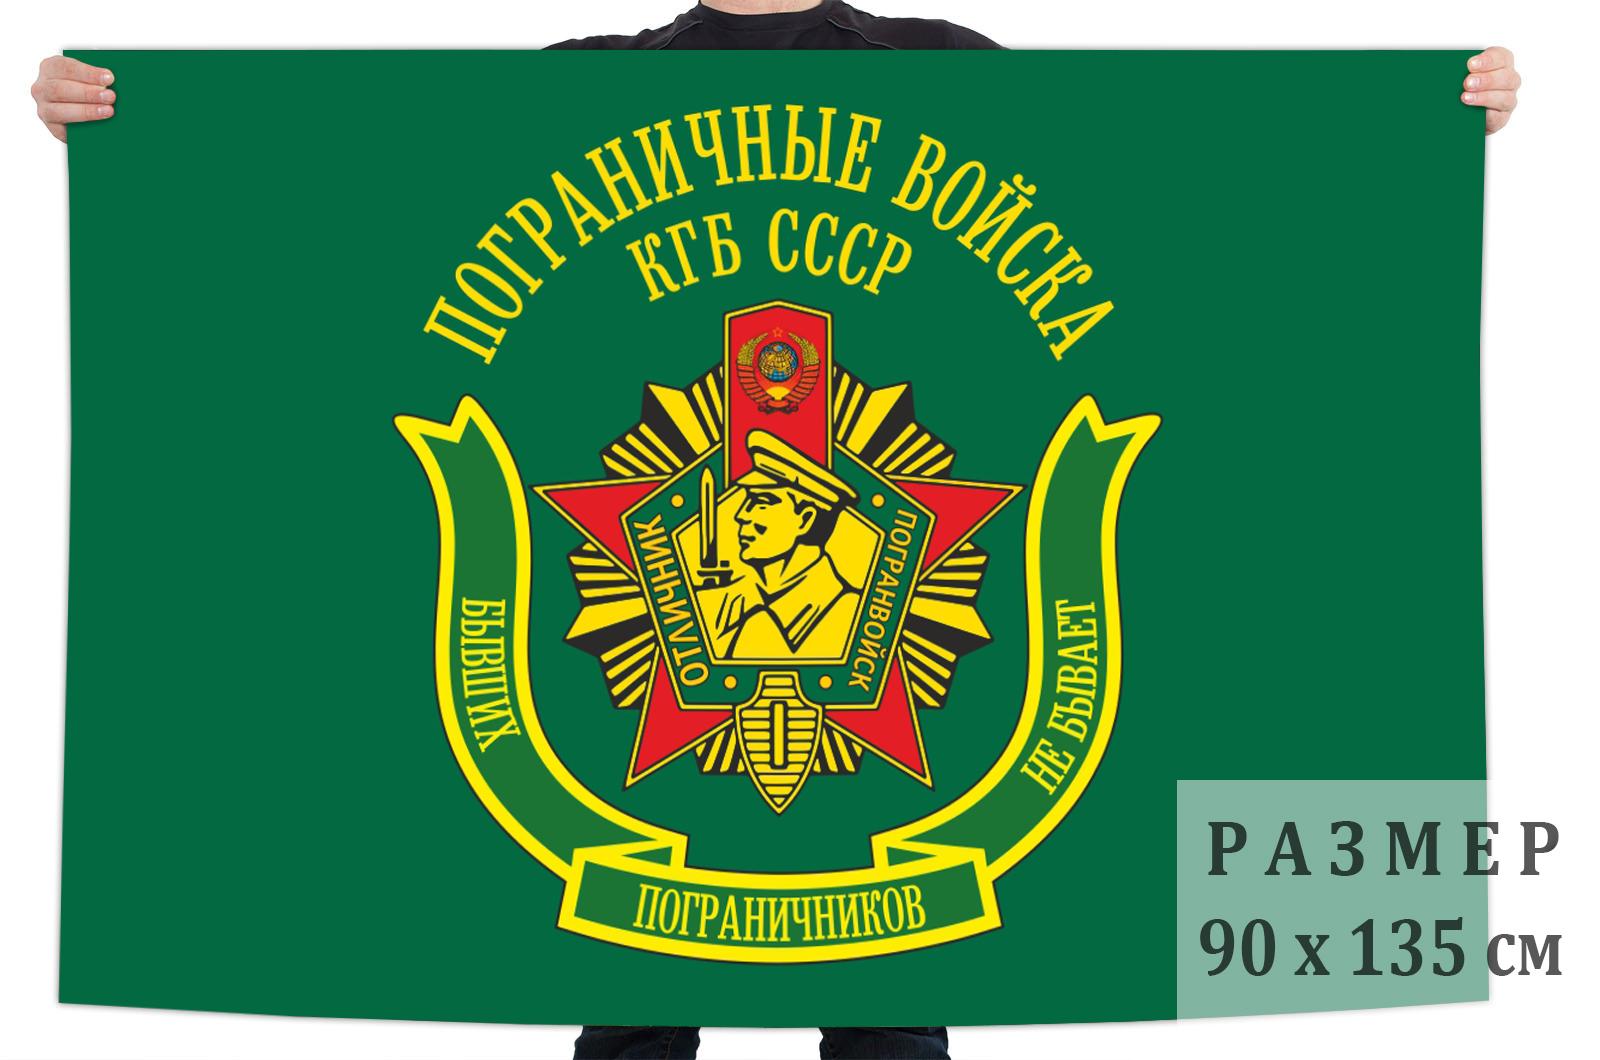 Флаг пограничных войск КГБ Советского Союза